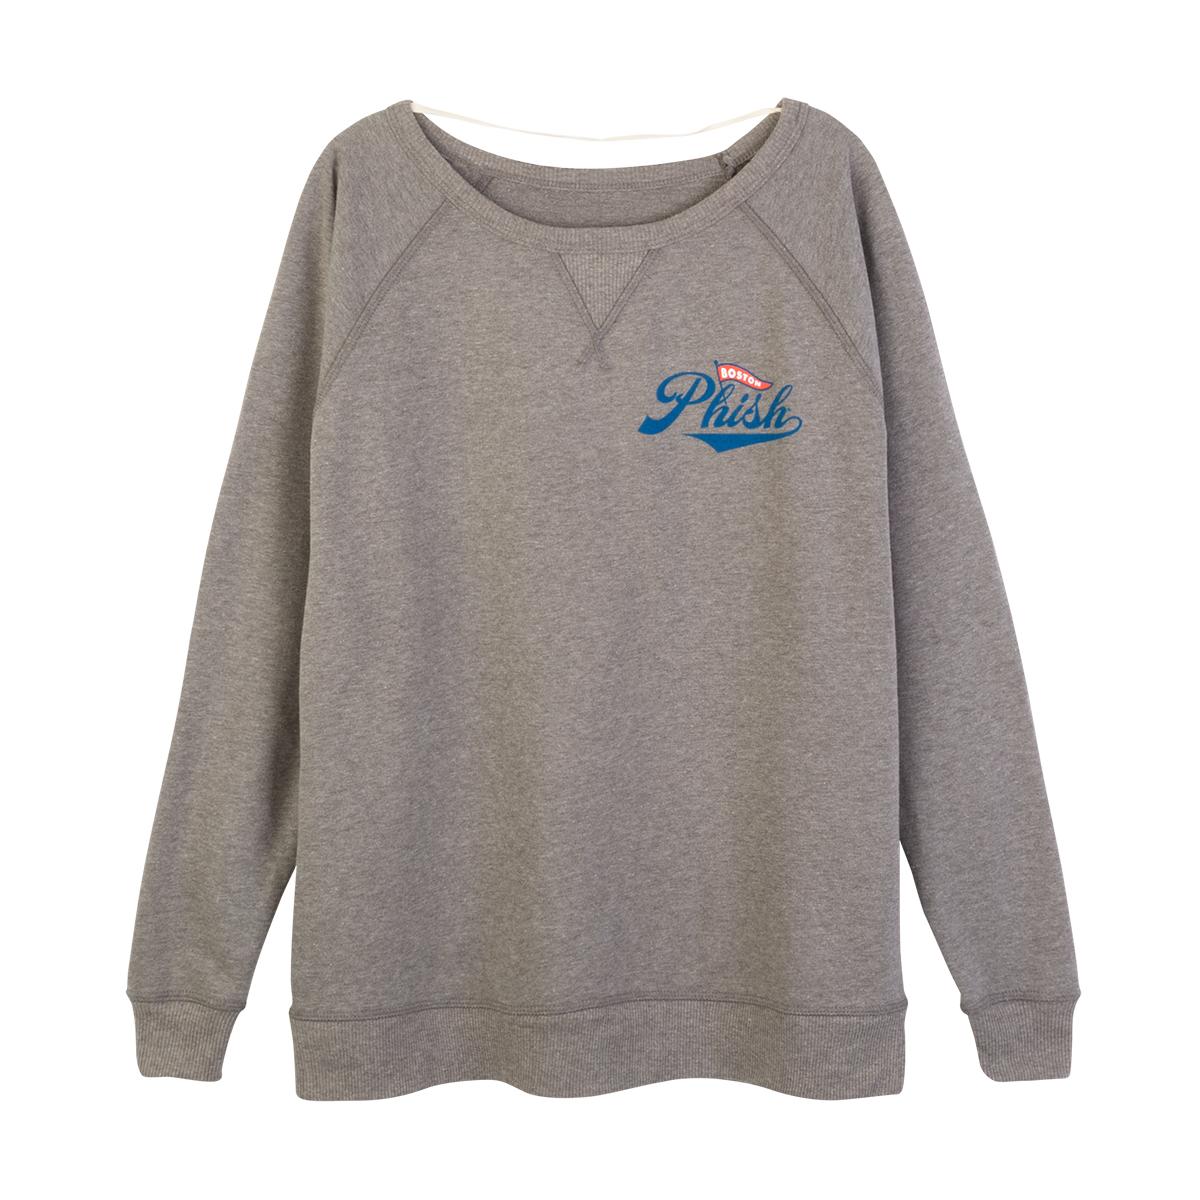 Women's Lil' 6-Pack Dude Vintage Sweatshirt on Gunmetal